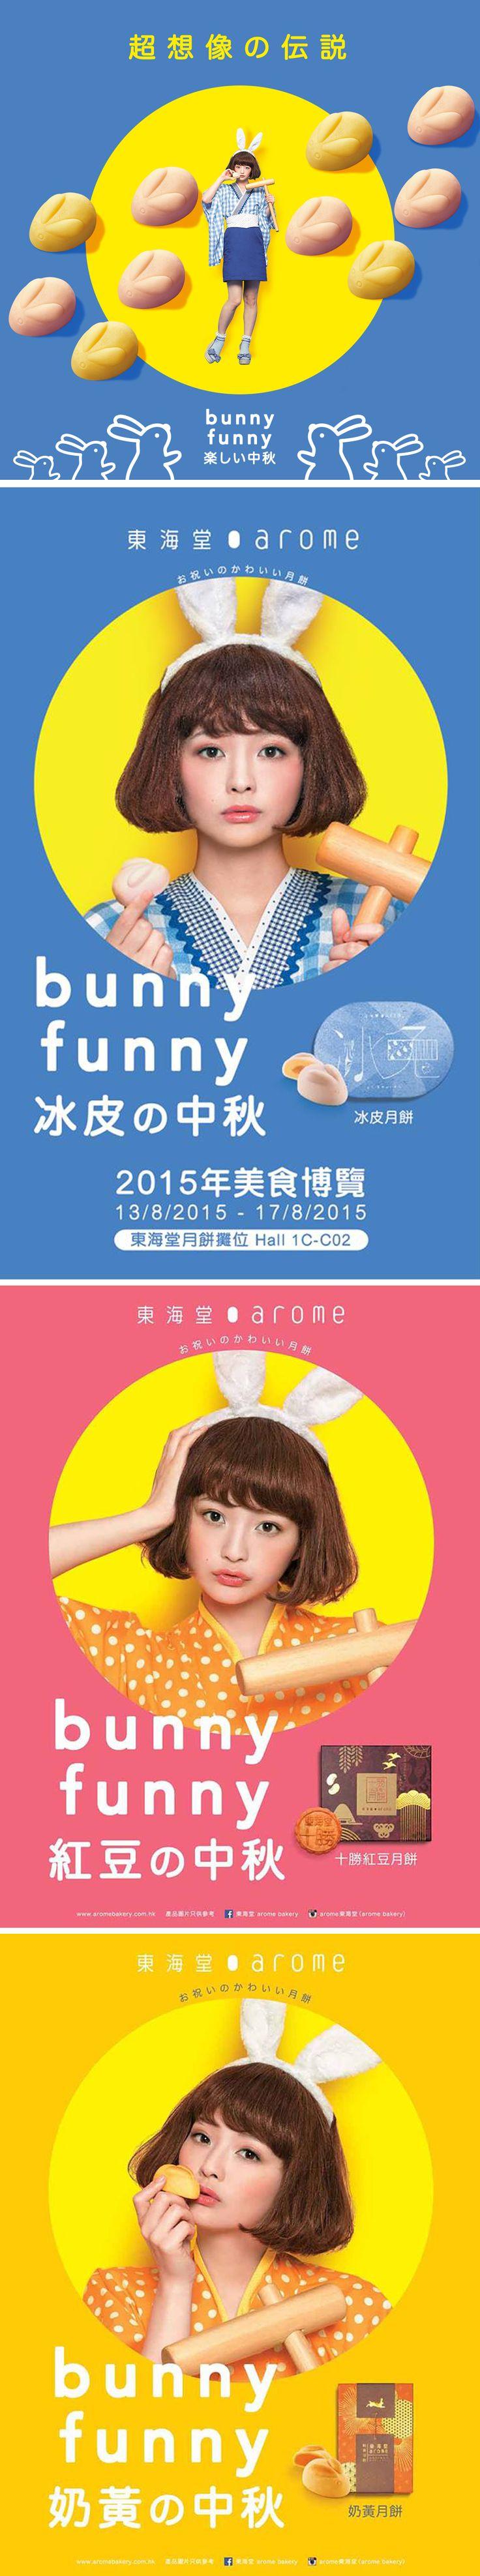 Arome Bakery - bunny funny